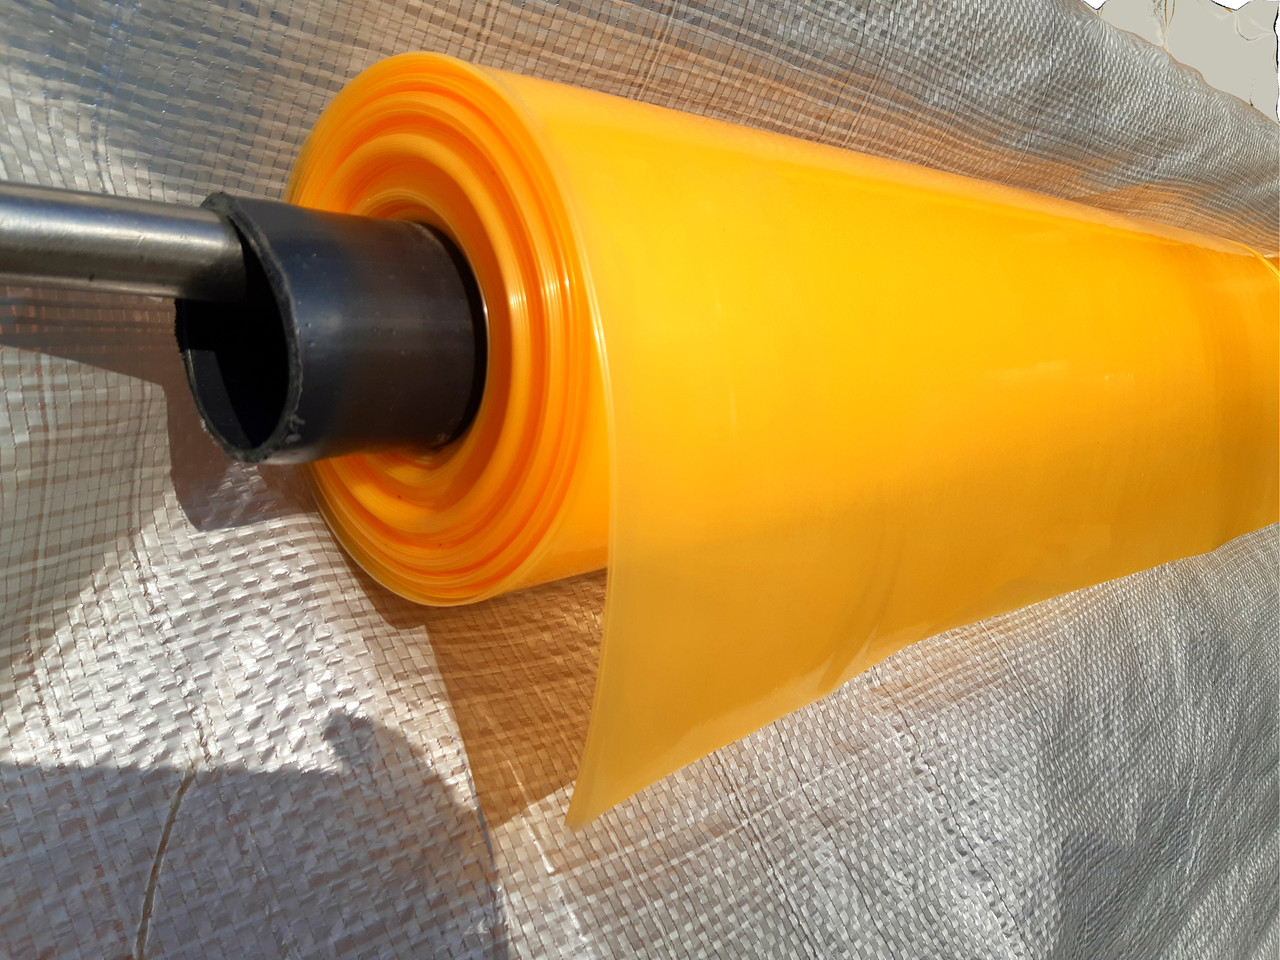 Пленка тепличная на метраж 80мкм, 6м ширина, уф-стаб. 24 месяца ,(оранжевая).